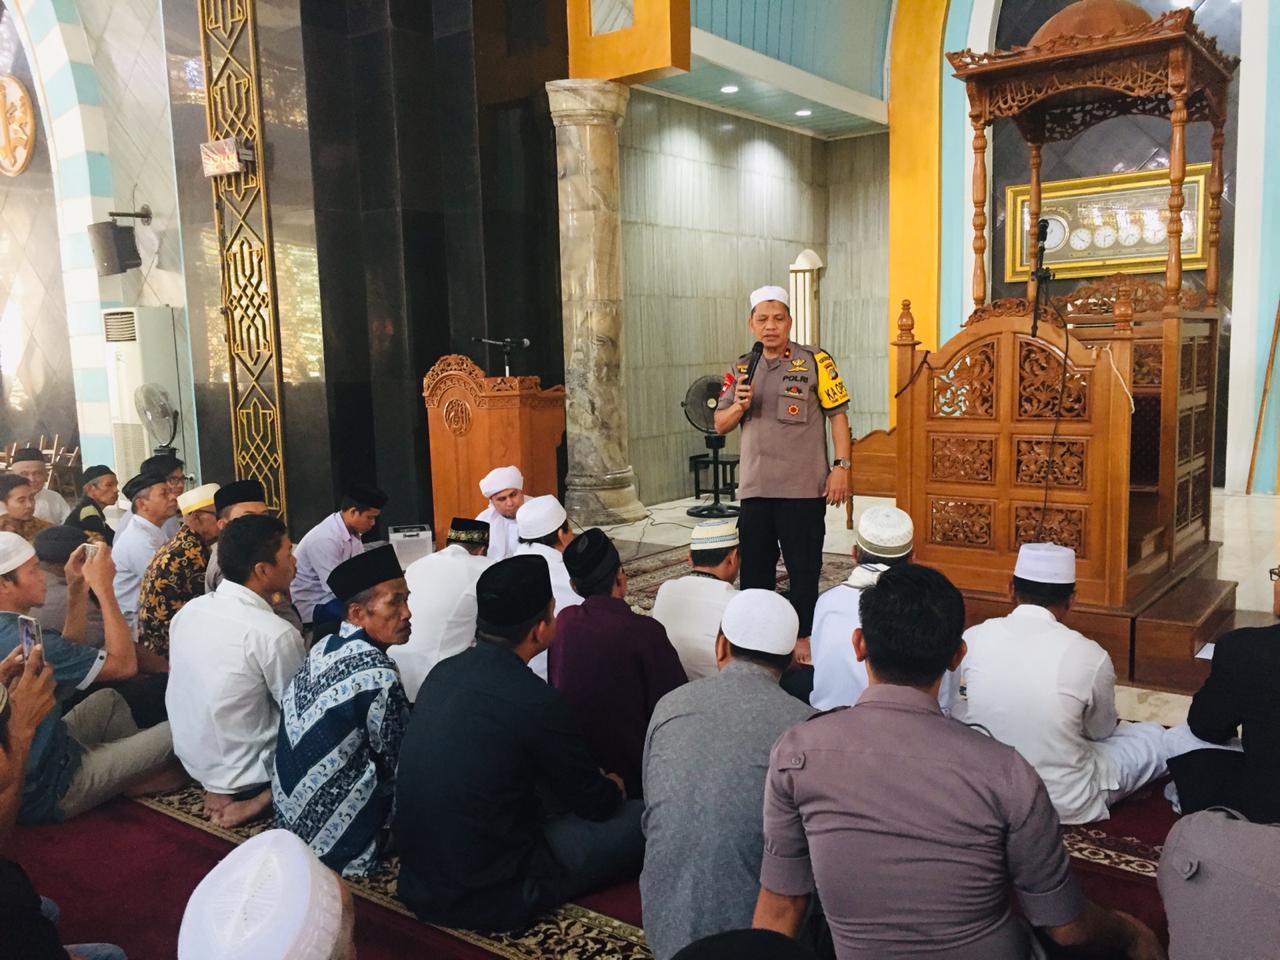 Jumatan di Masjid Agung Syuhada Polman, Kapolda Sulbar Minta Jamaah Jaga Persaudaraan Demi Kedamaian NKRI